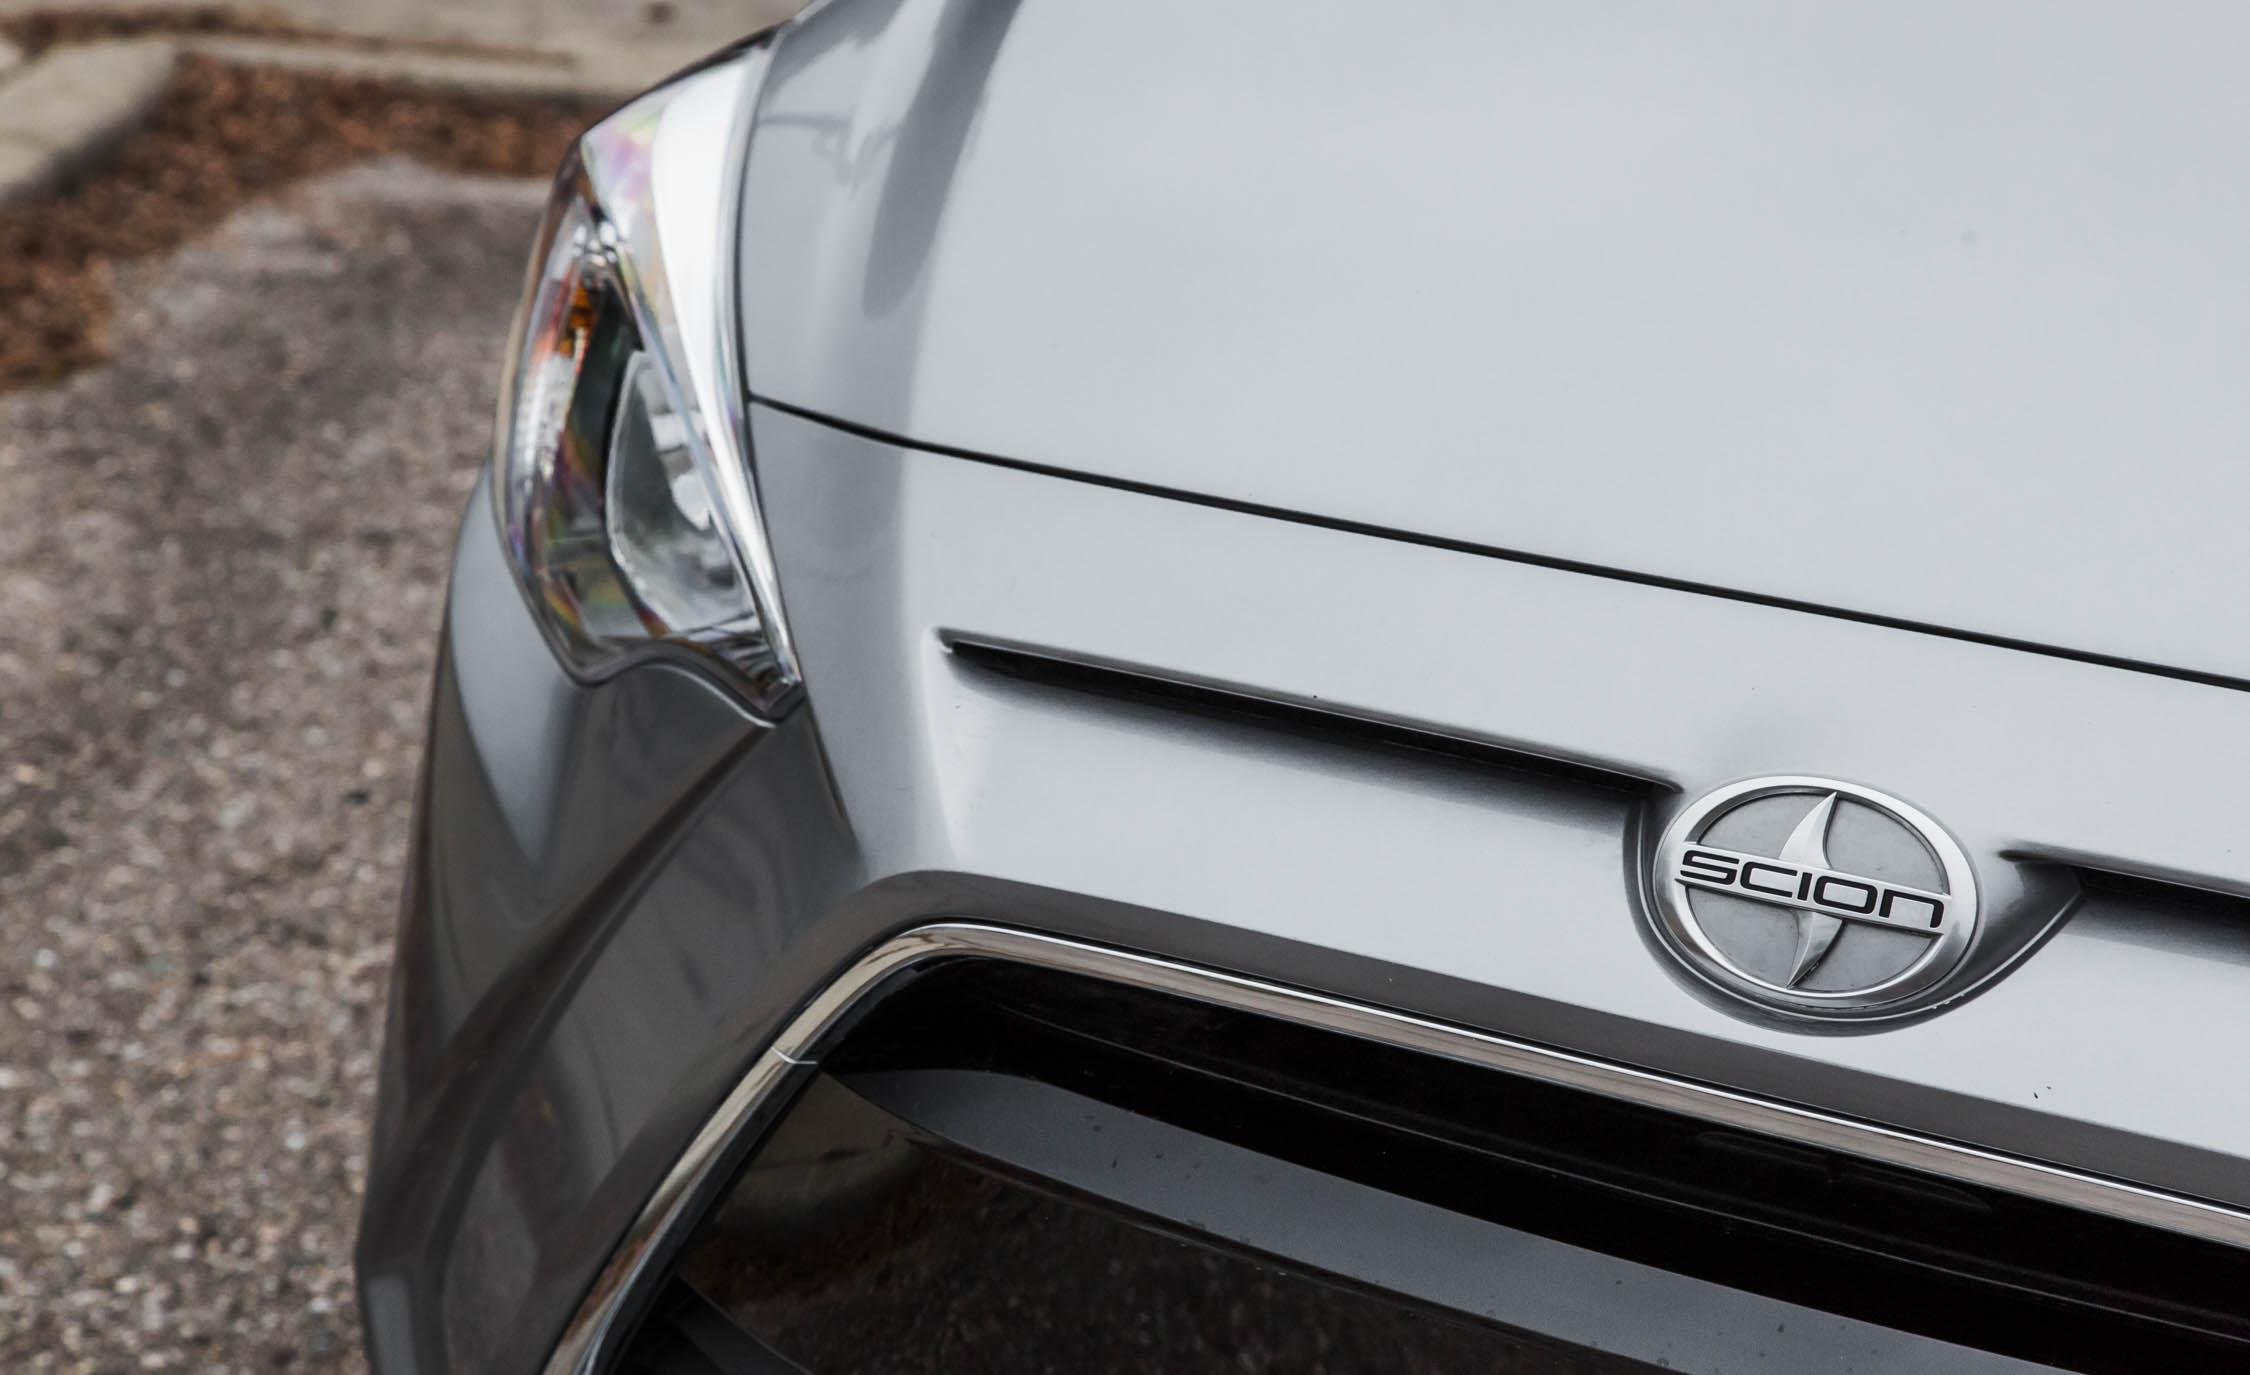 2016 Scion iA Exterior Emblem Front